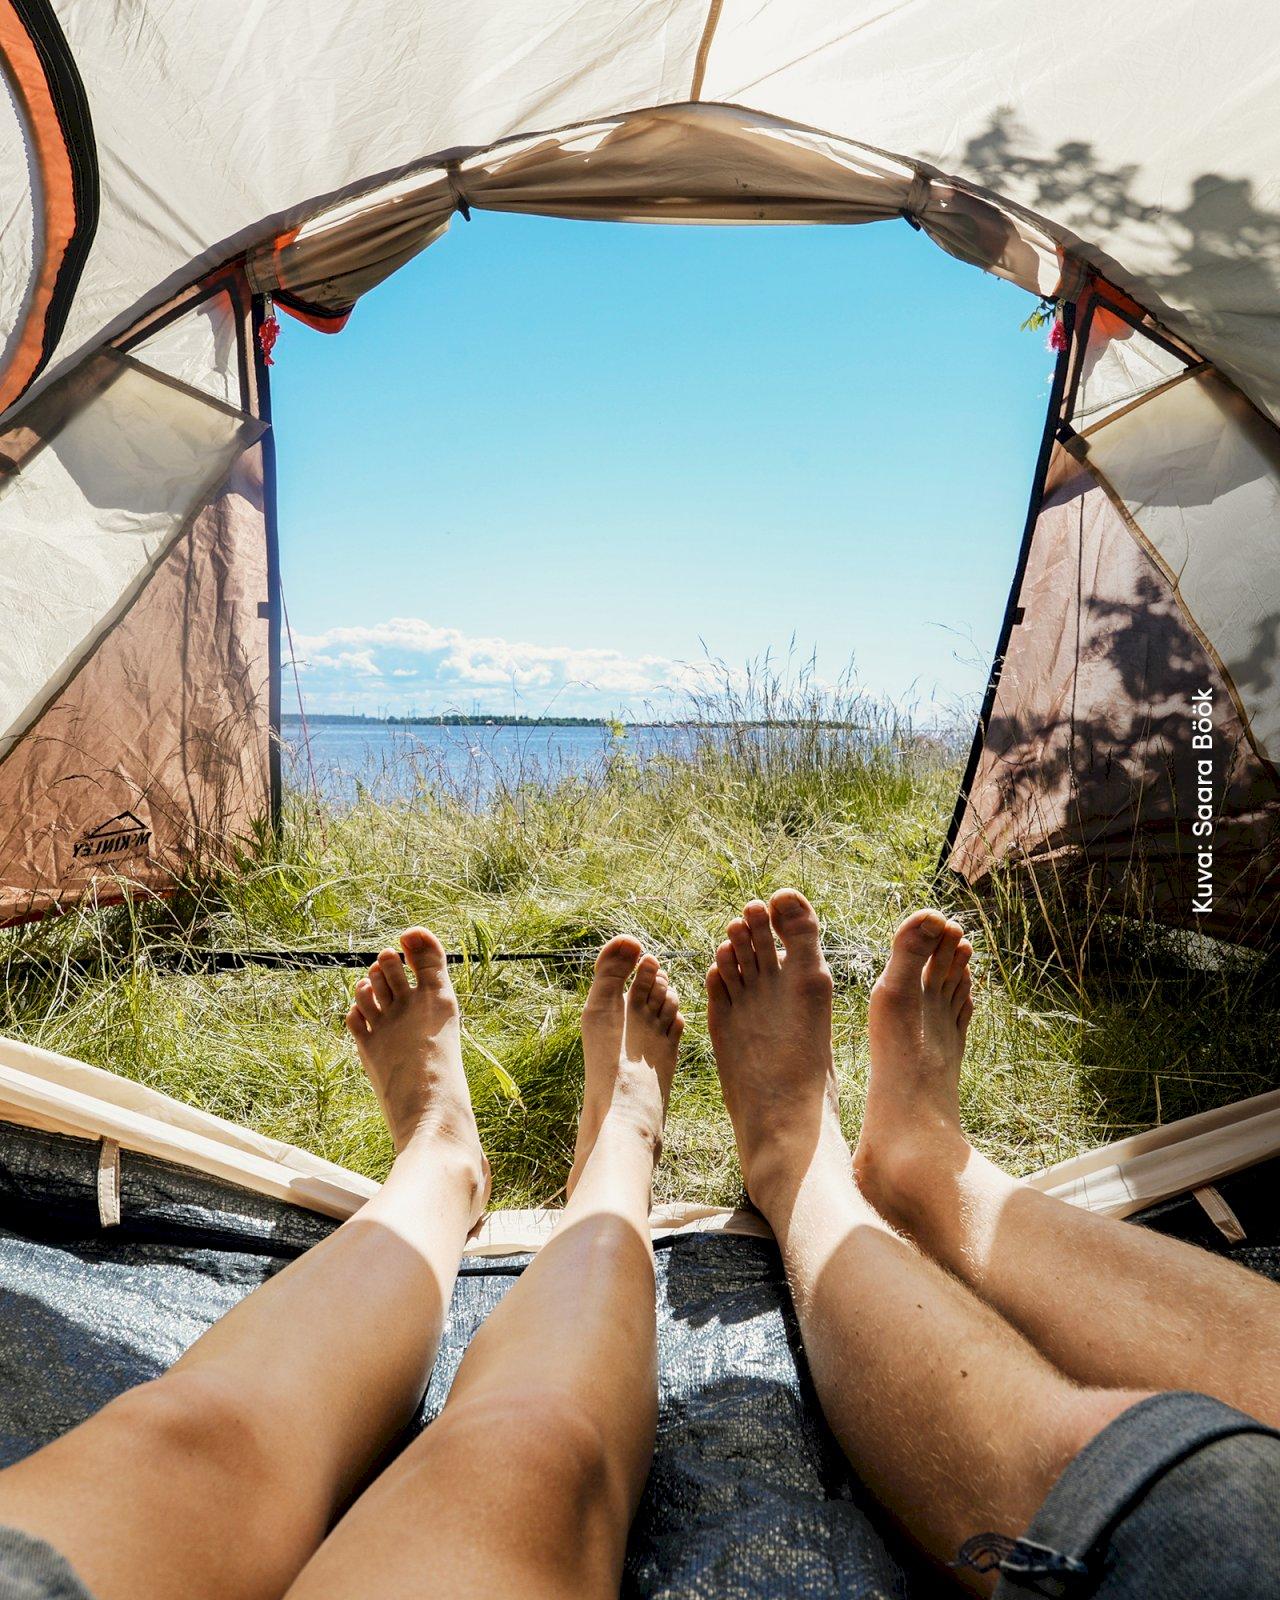 Kaksi retkeilijää makoilevat teltassa katsellen teltasta avautuvaa Raahen saaristoa.